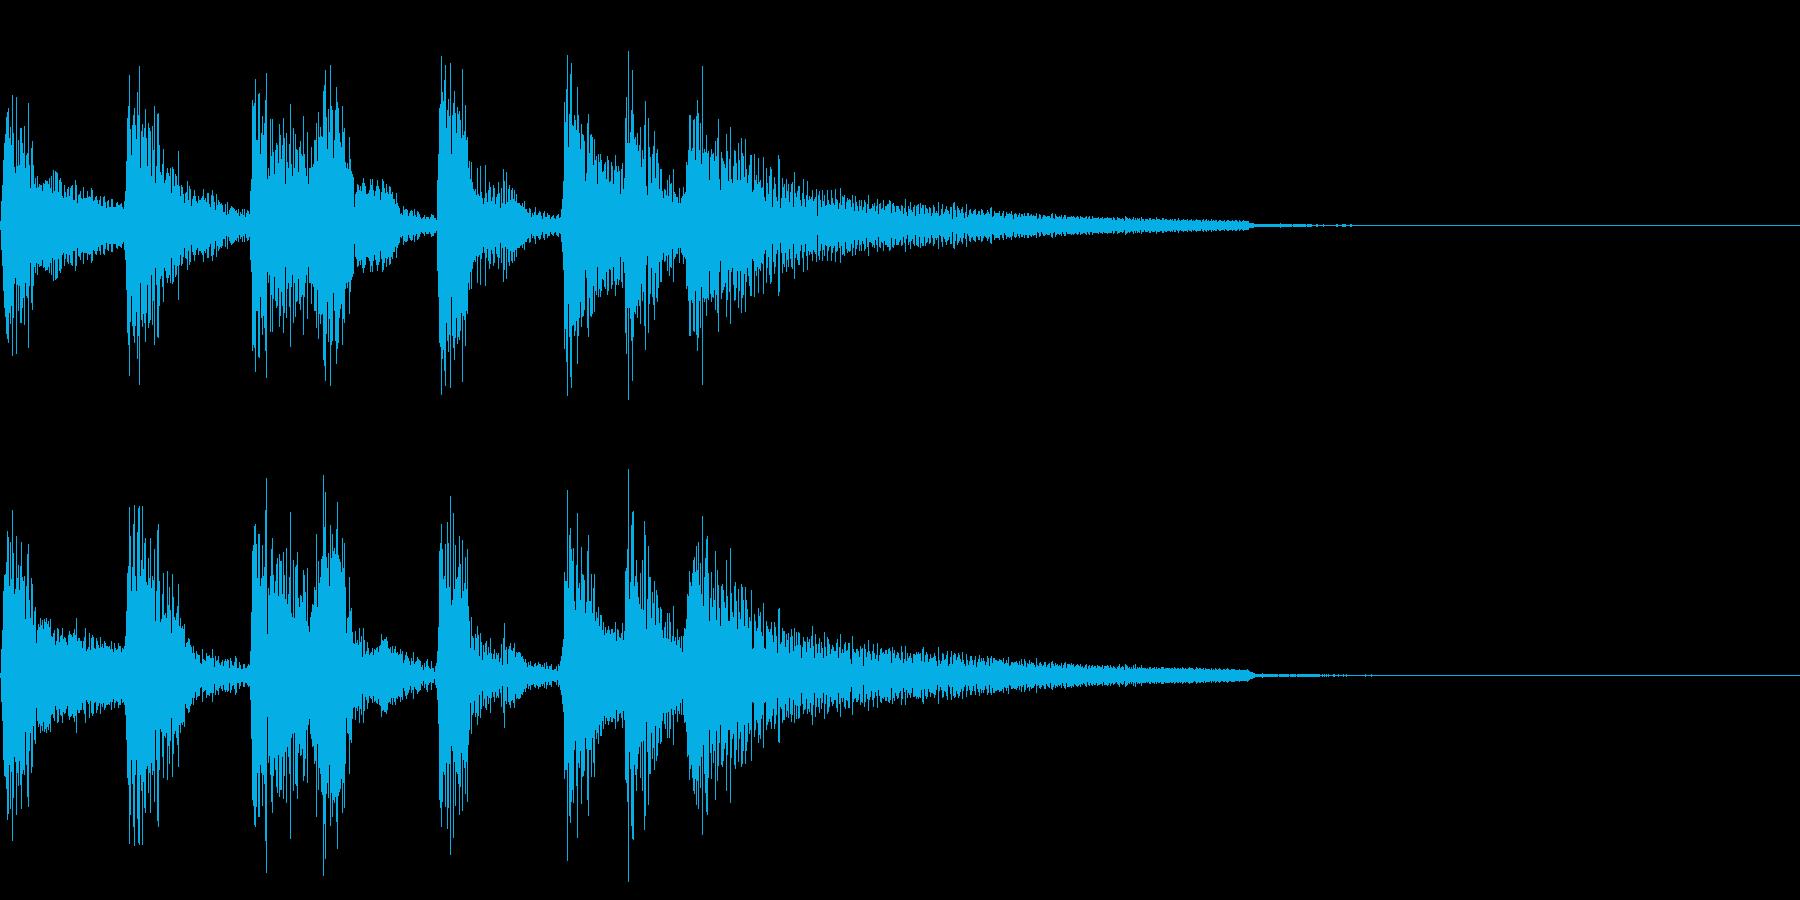 ボサノヴァのギターによるサウンドロゴの再生済みの波形